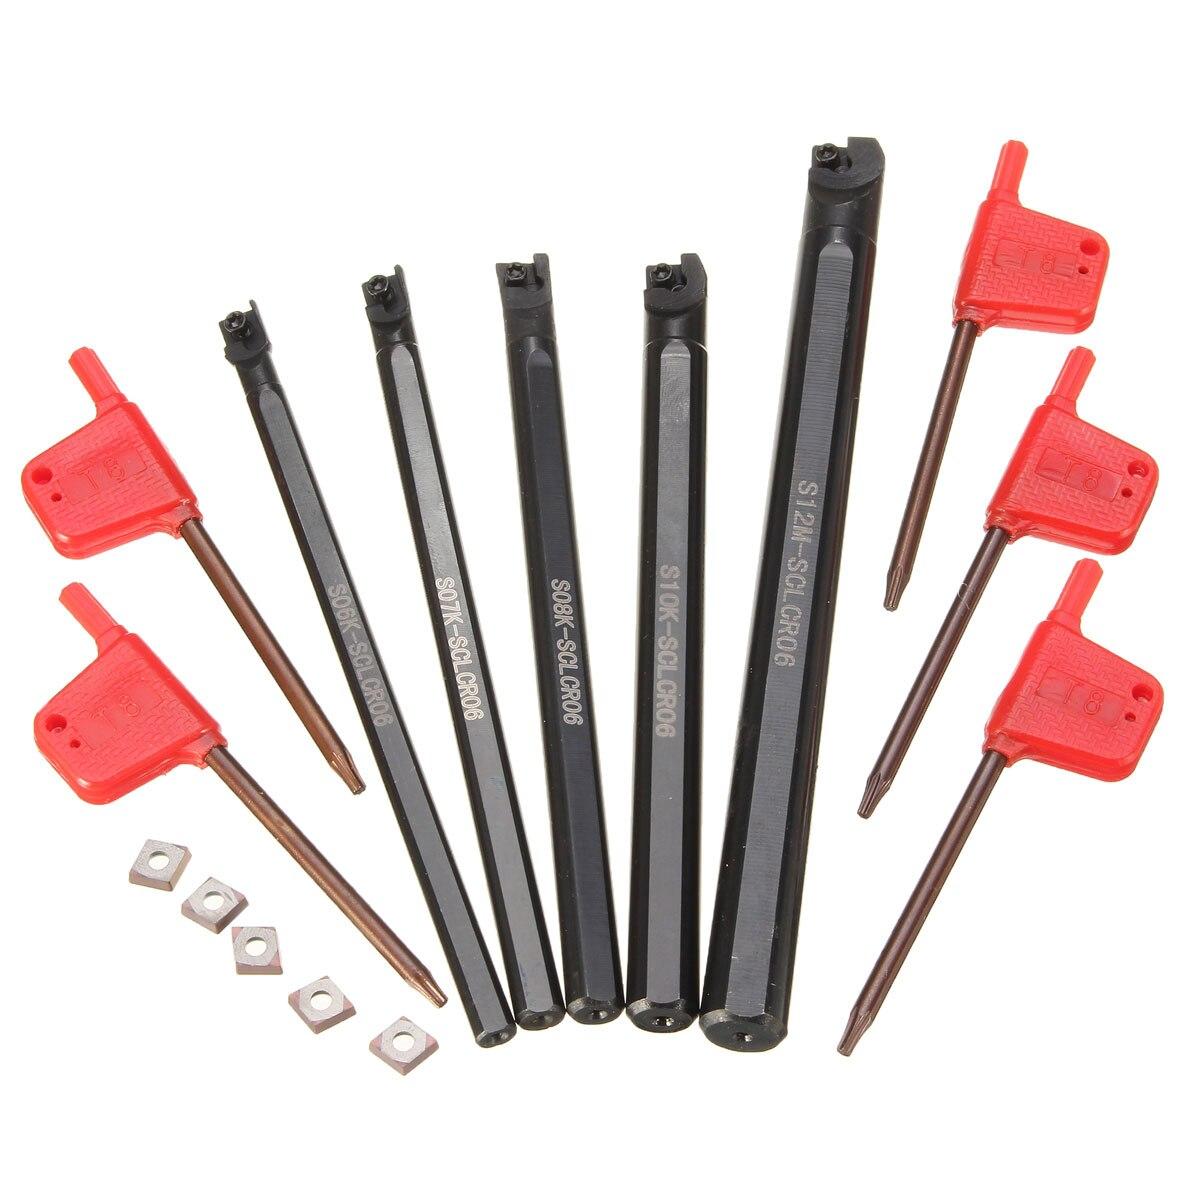 5 шт. расточные инструменты для туннелей SCLCR 6 7 8 10 12 мм с 5PcsCCMT0602 вставки 95 градусов правой руки лезвия вставки, токарный инструмент набор